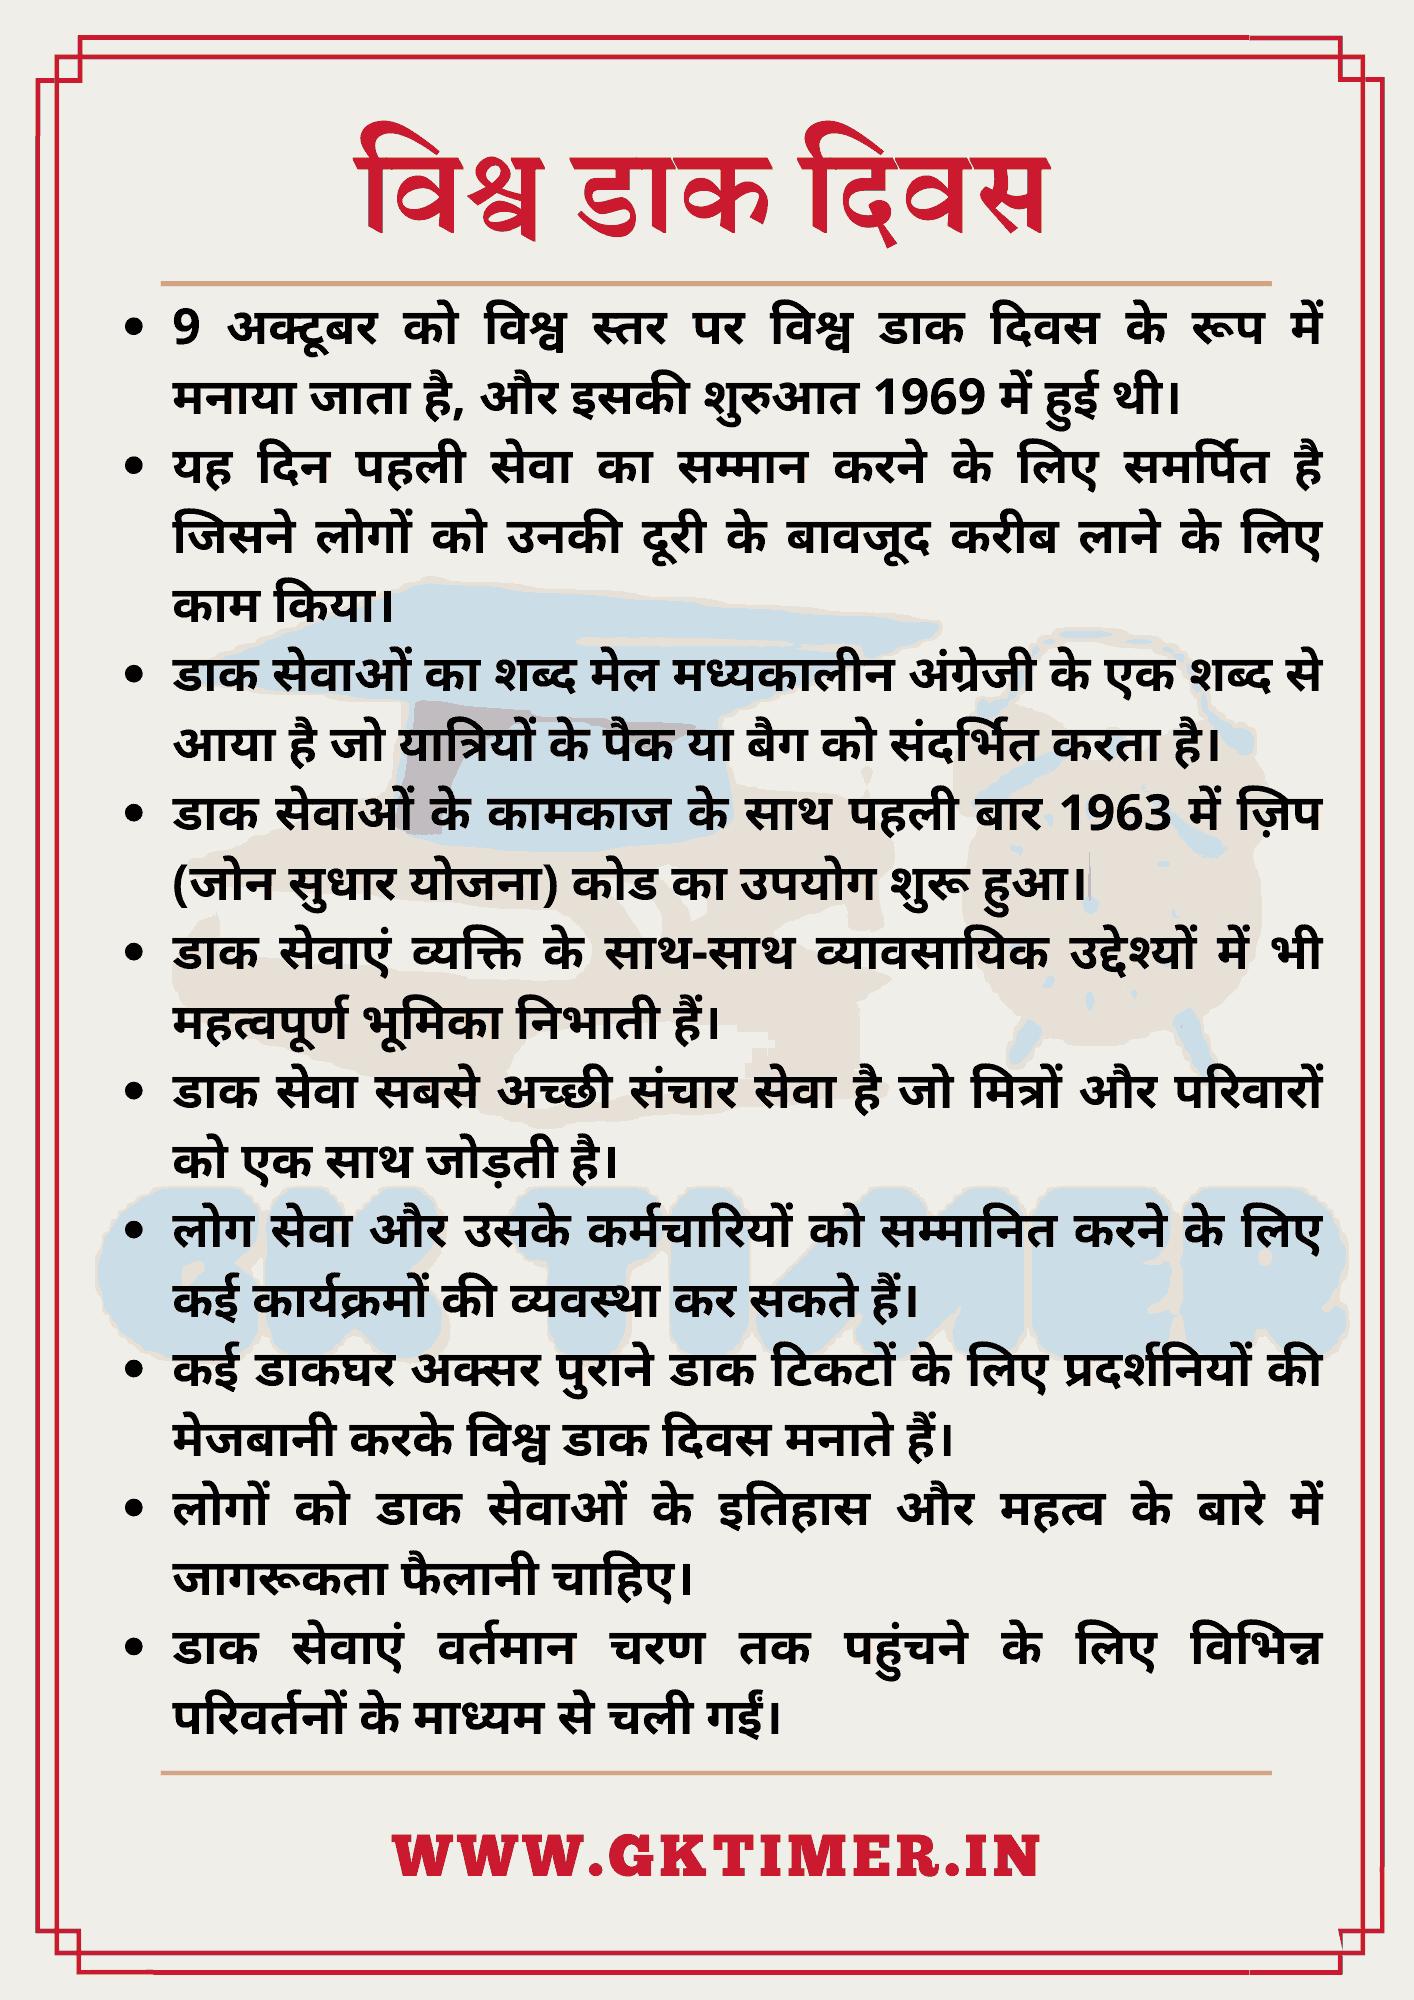 विश्व डाक दिवस पर निबंध | Essay on World Post Day in Hindi | 10 Lines on World Post Day in Hindi